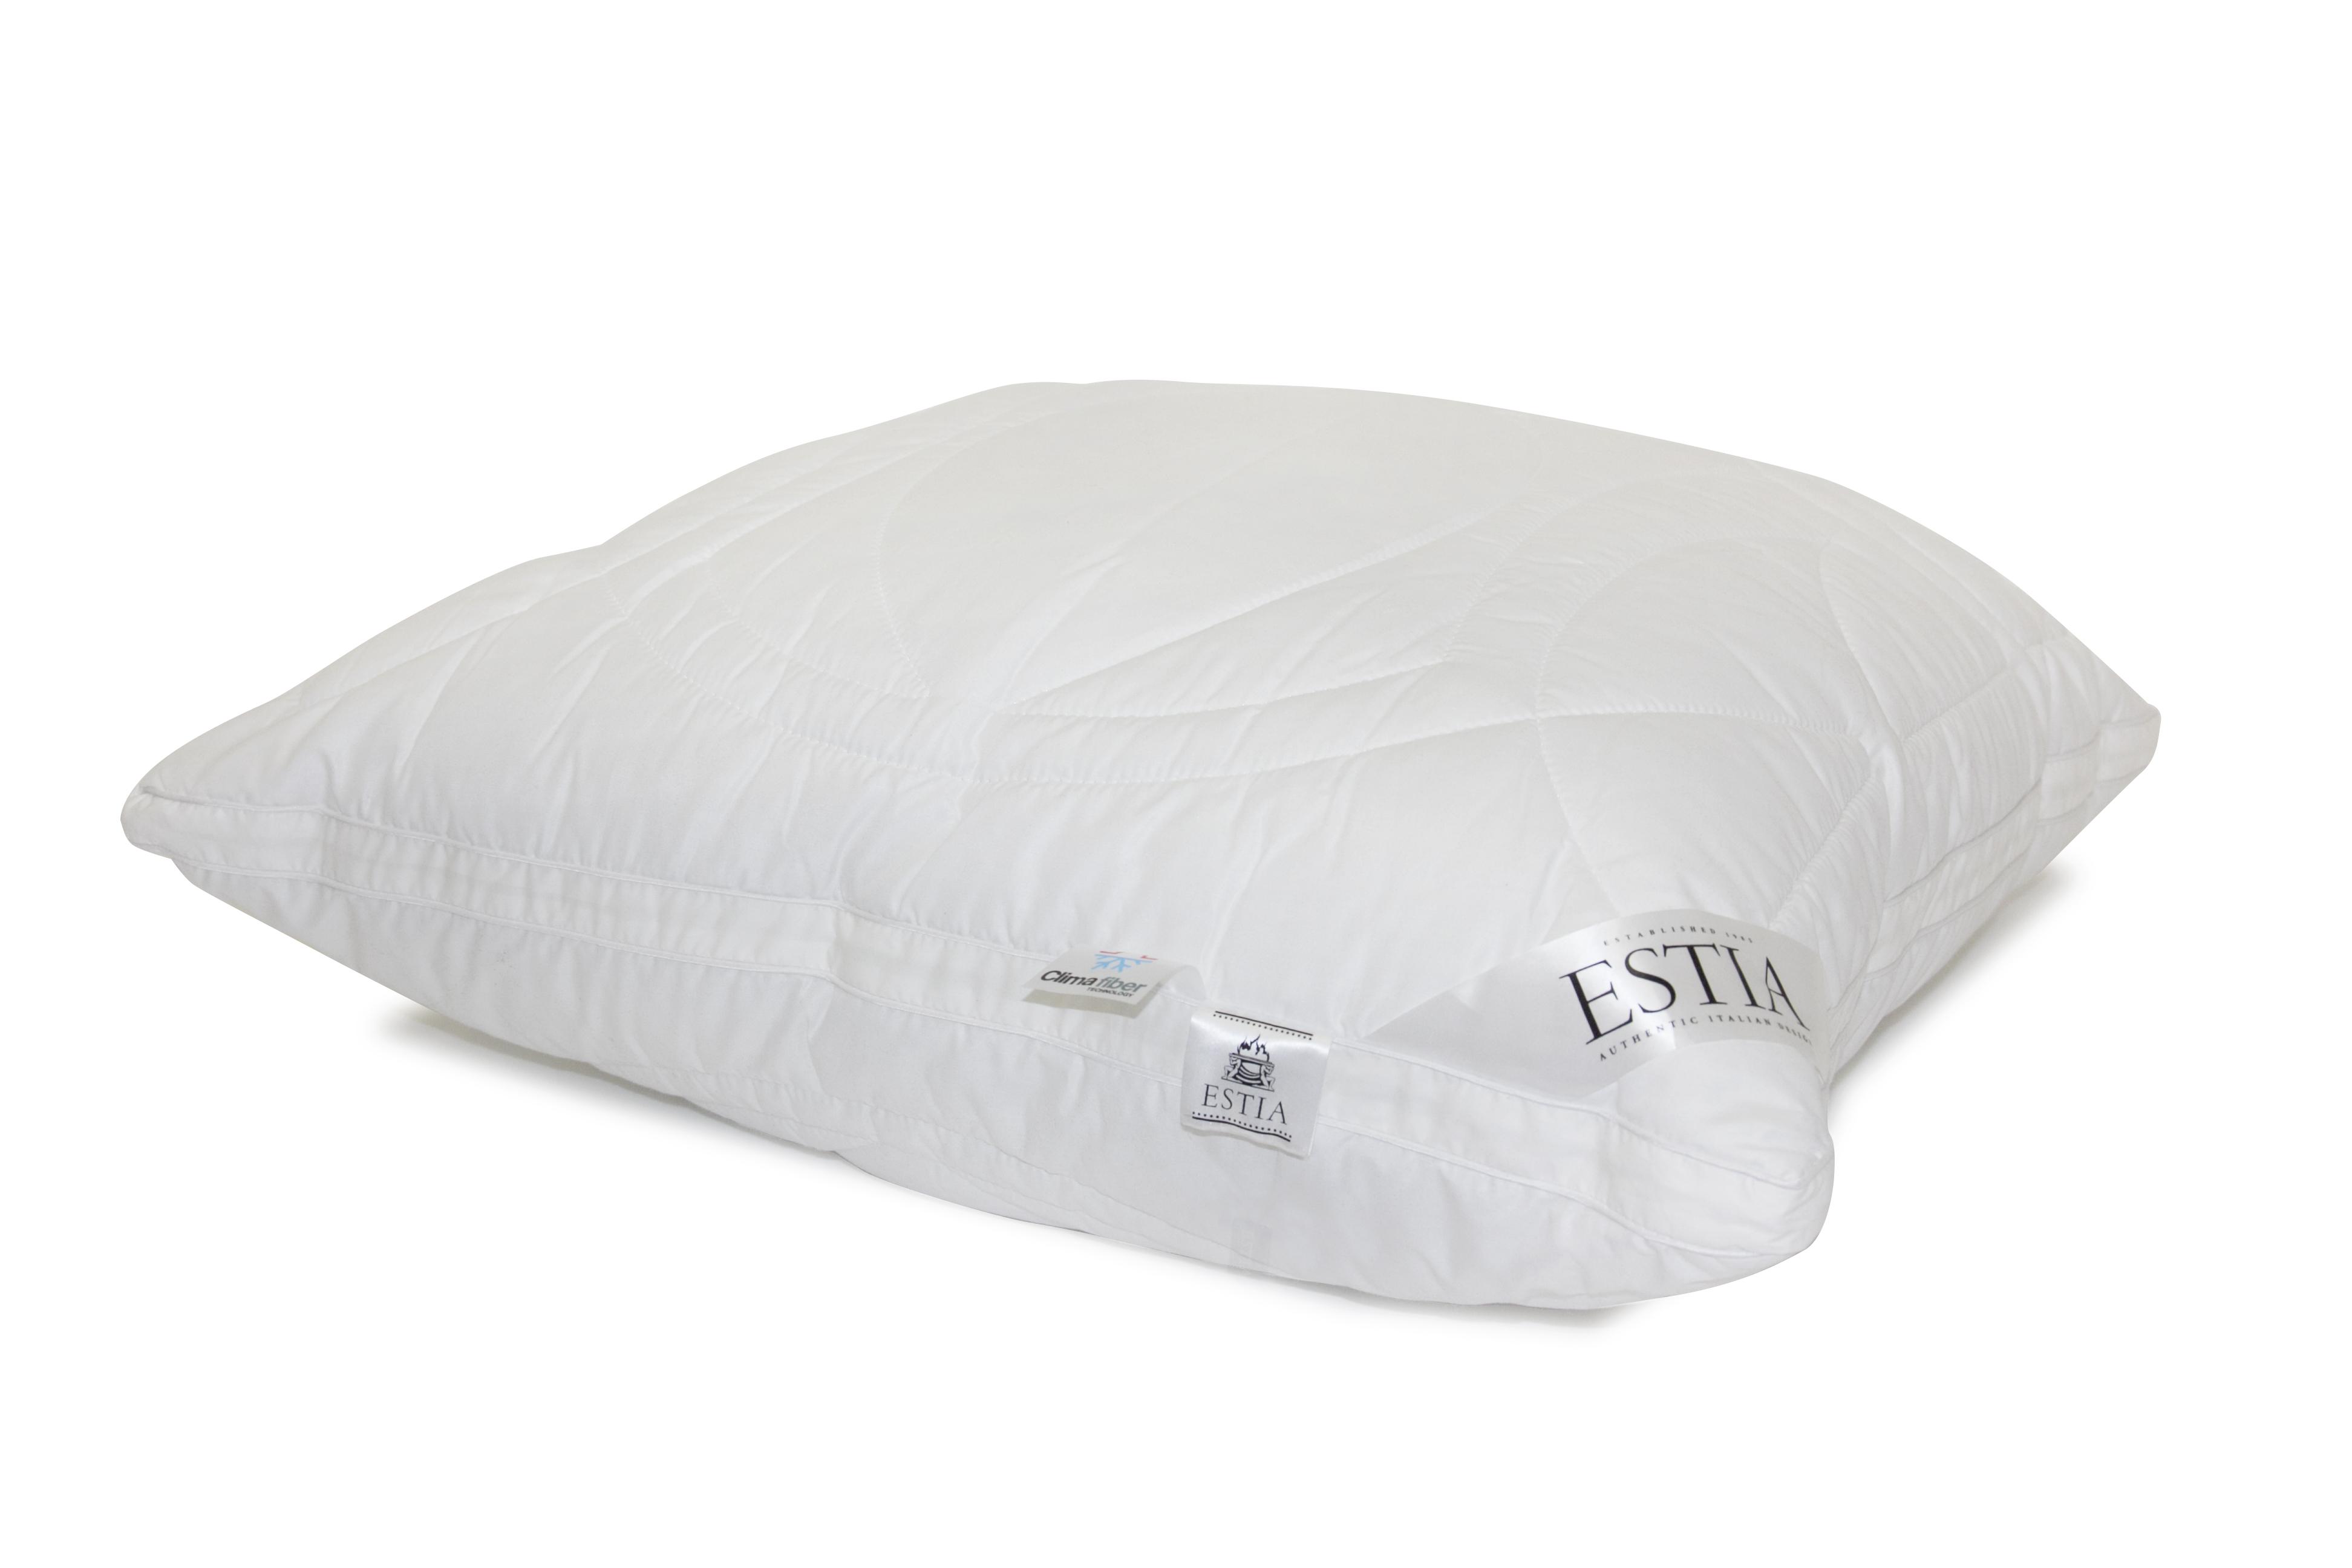 Купить Подушки ESTIA, Подушка Верде Цвет: Белый (70х70), Греция, Бамбуковый сатин